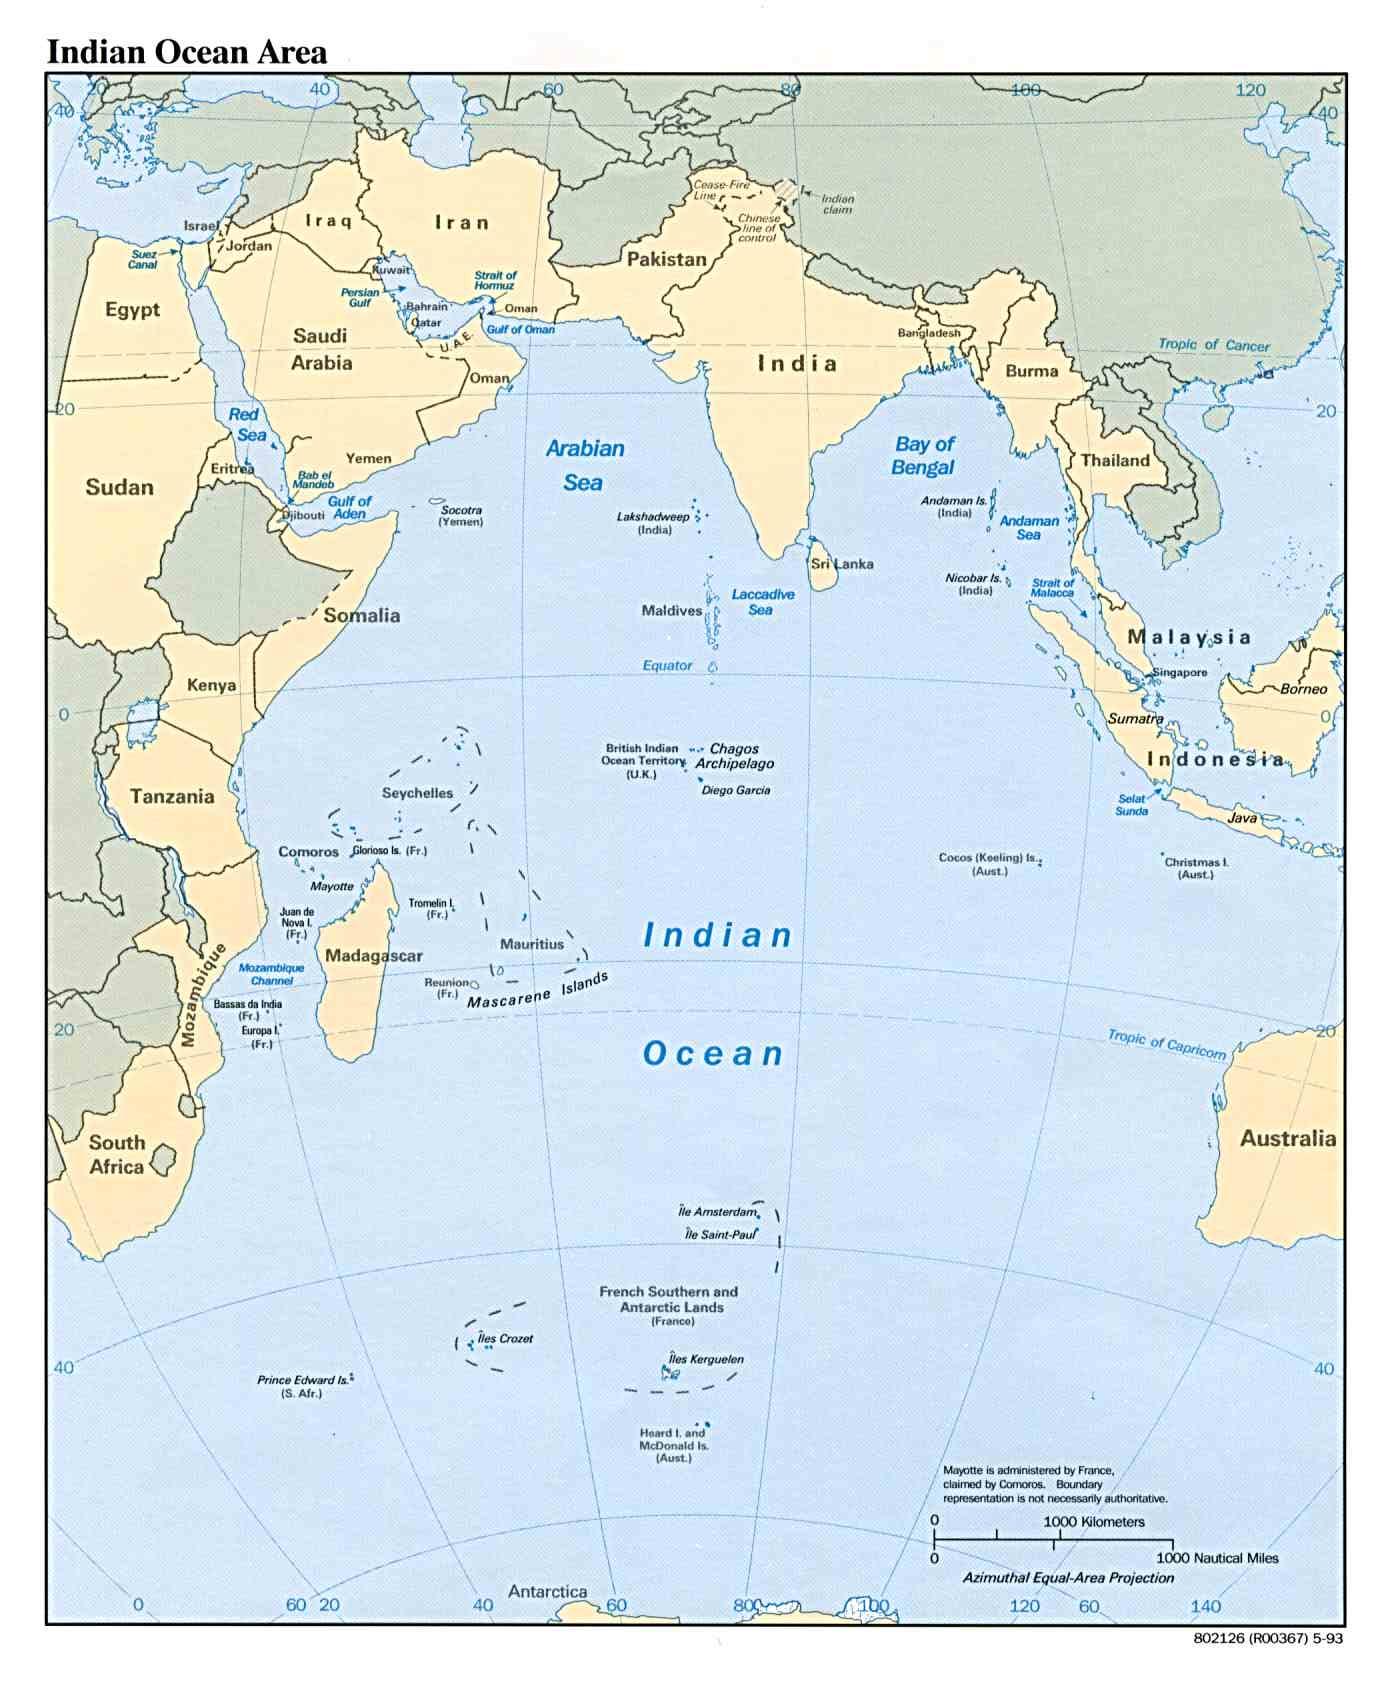 Indian Ocean Area 1993